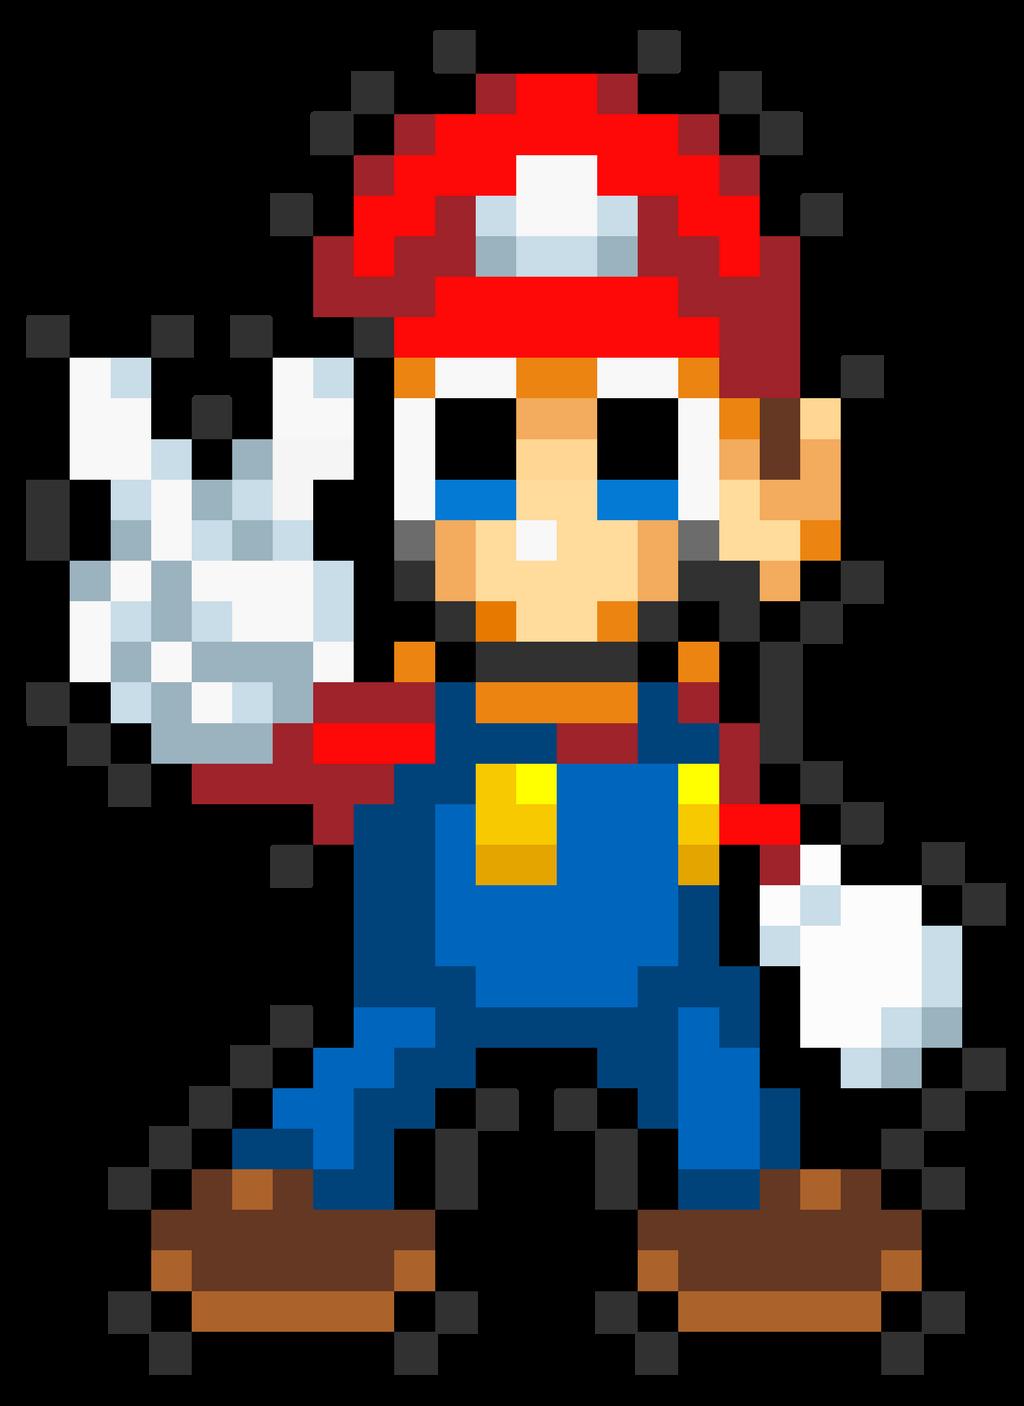 SMBHotS Hero 01 - Mario by KingAsylus91 on DeviantArt